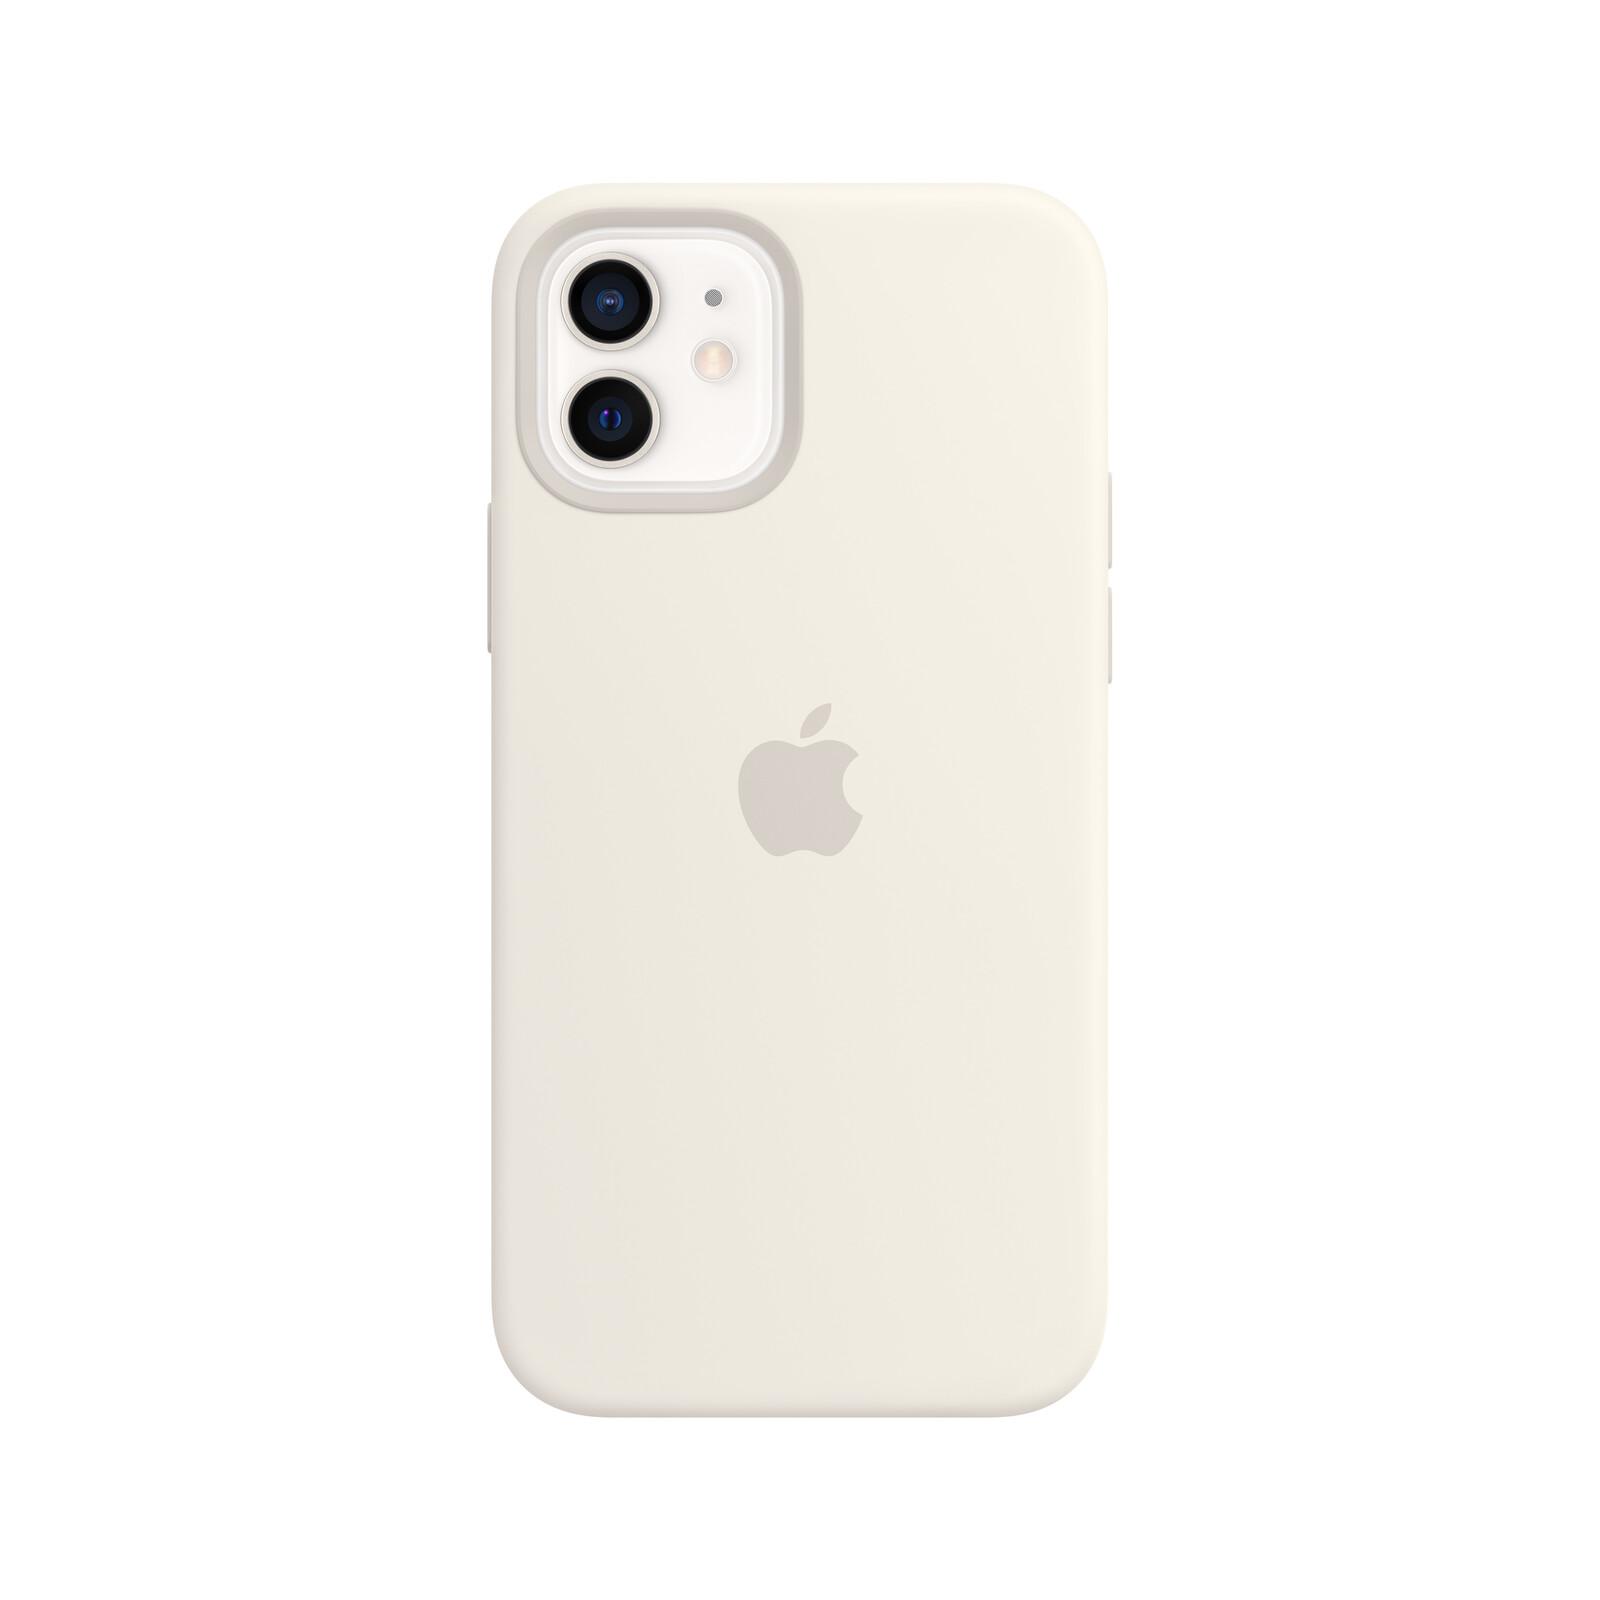 Apple iPhone 12/12 Pro Silikon Case mit MagSafe weiß